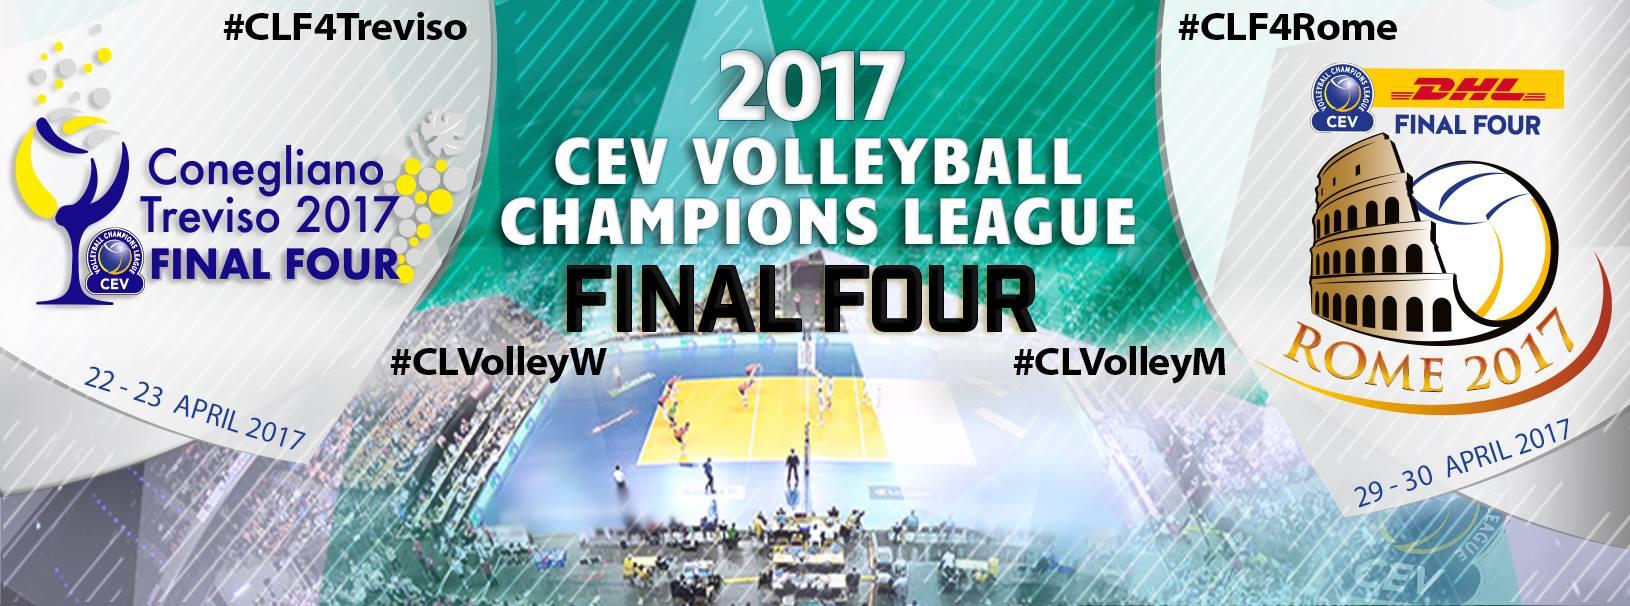 cevolley treviso - - 2 GIORNI...FINAL FOUR DI CHAMPIONS AL PALAVERDE! Noleggio pullman